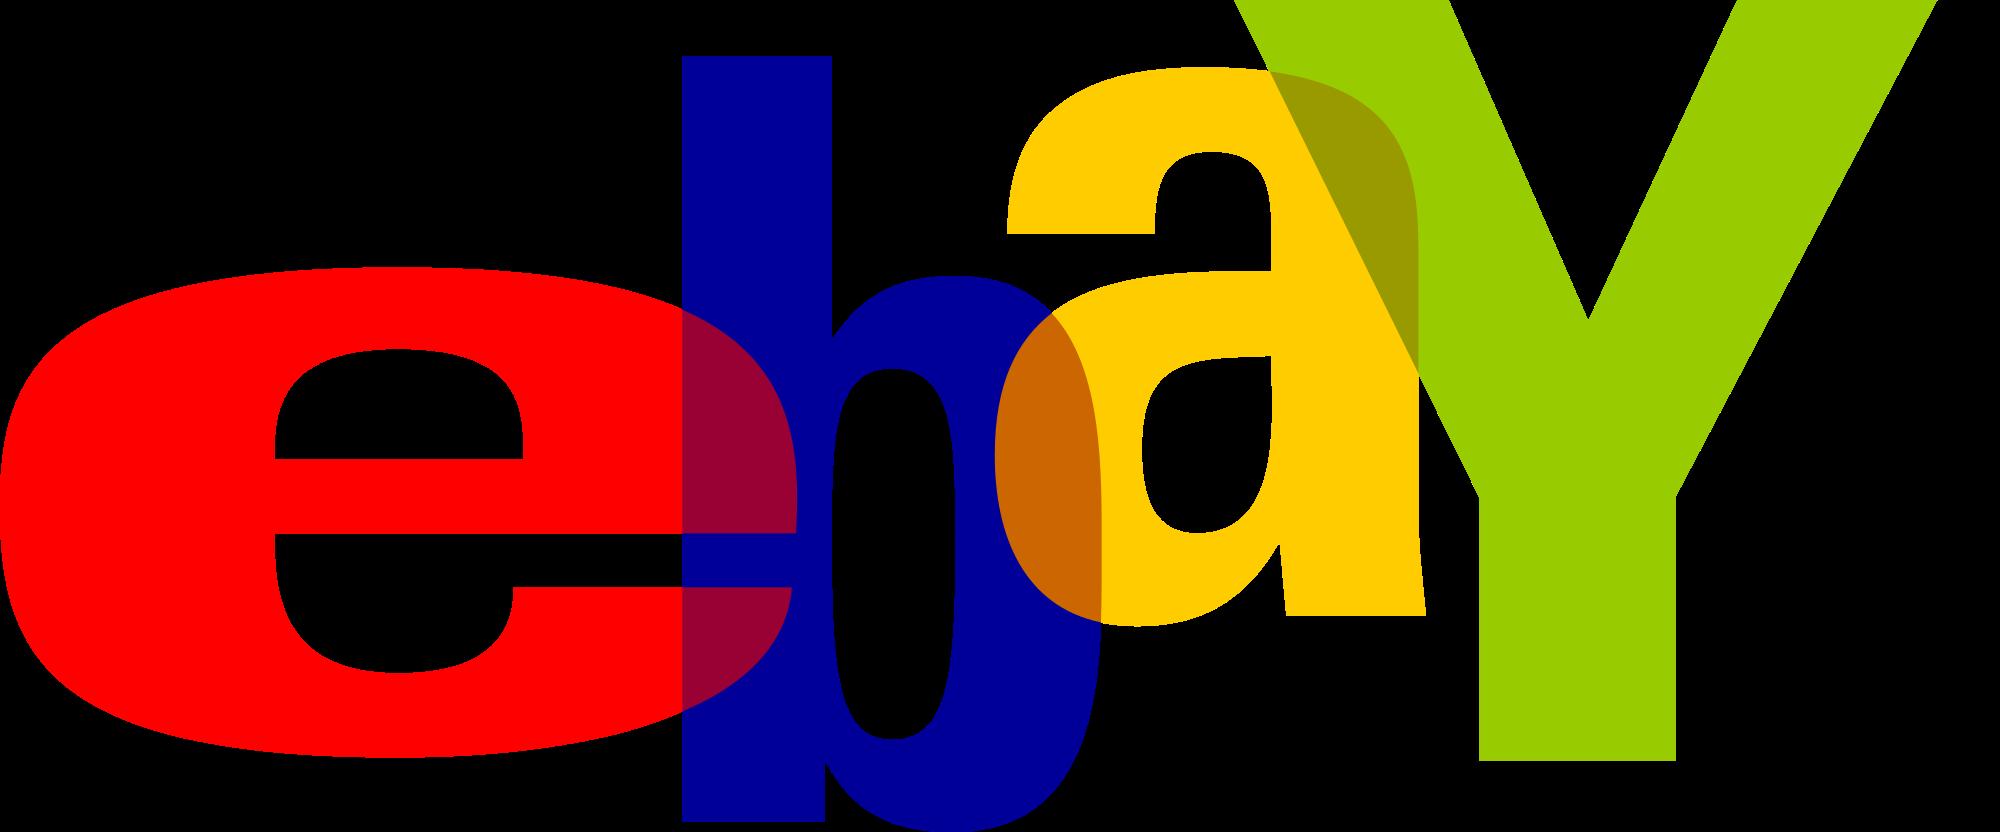 eBay'ın ilk çeyrek geliri % 3.7 arttı